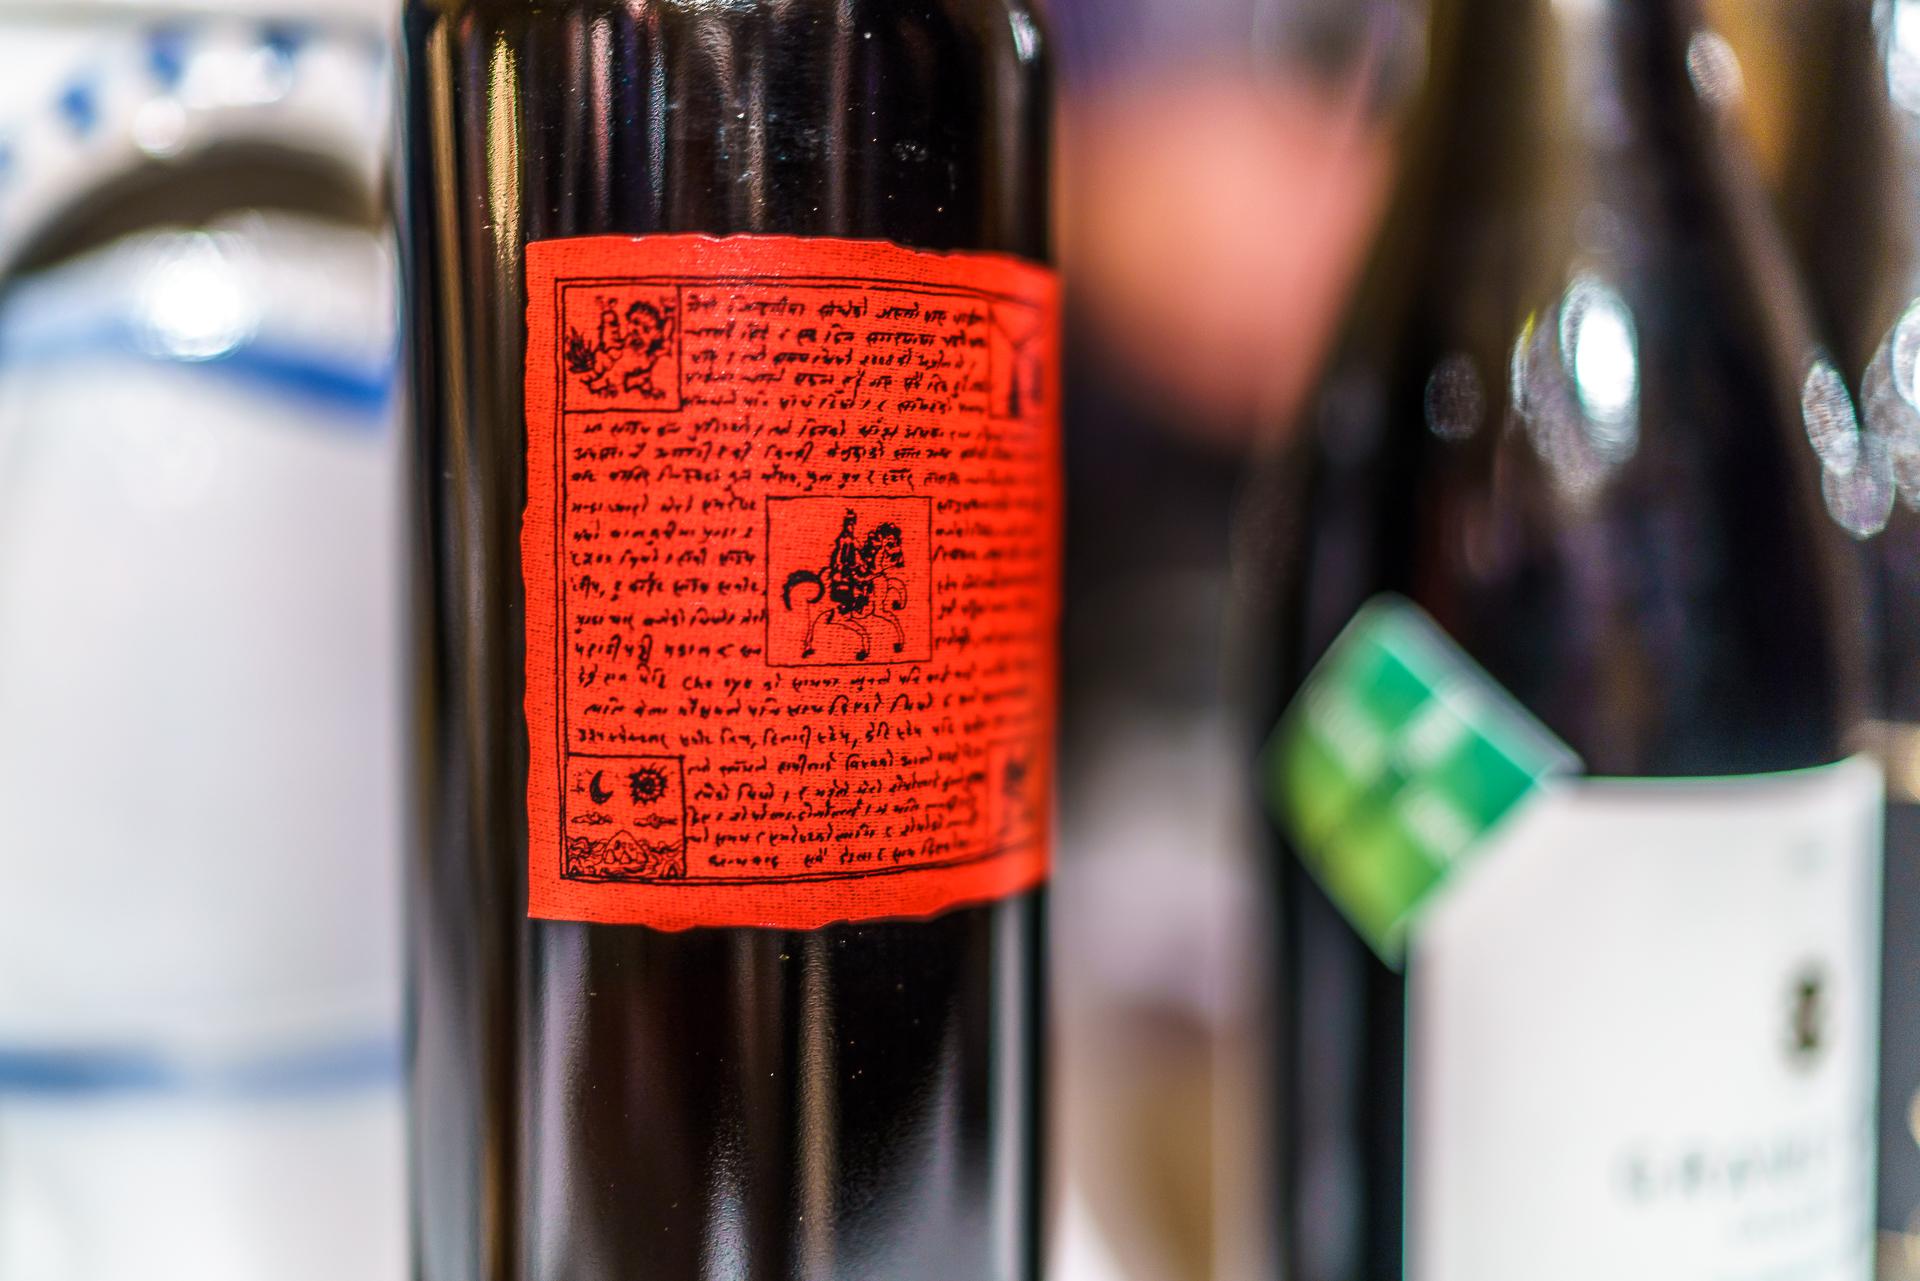 Chevalier-Sherpa-Wein-Wallis